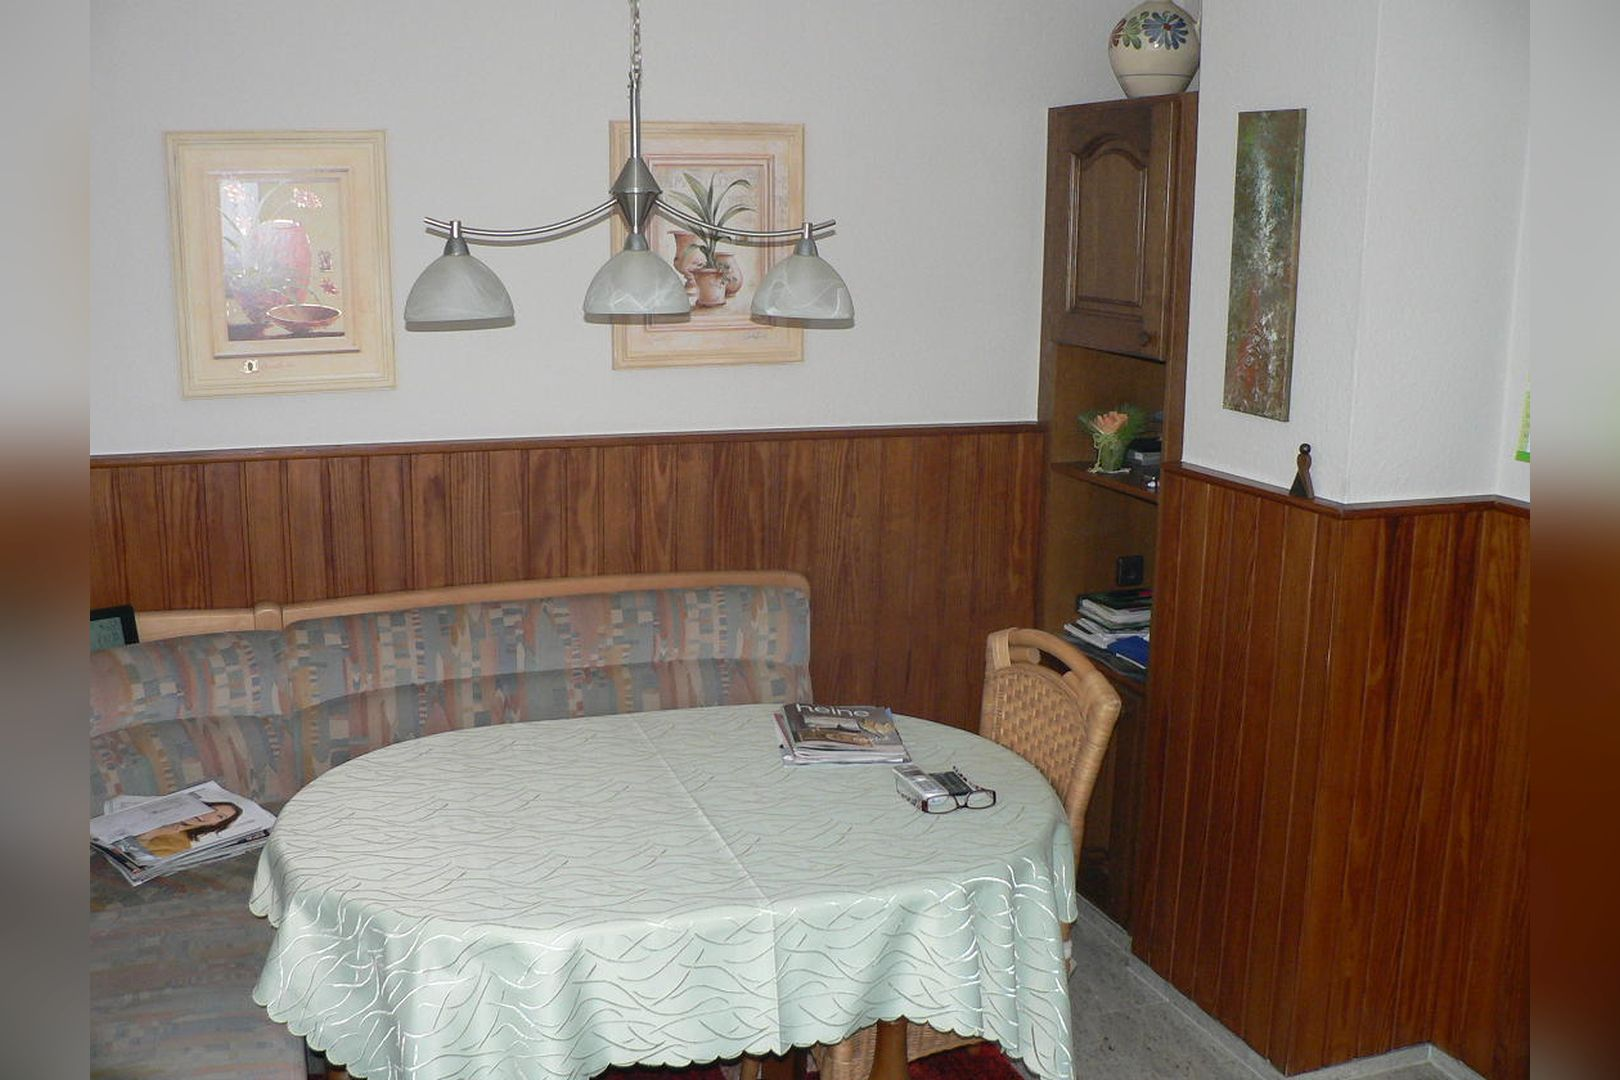 Immobilie Nr.0243 - Reihenendhaus 2-geschossig mit Vollkeller und Garage  - Bild 6.jpg